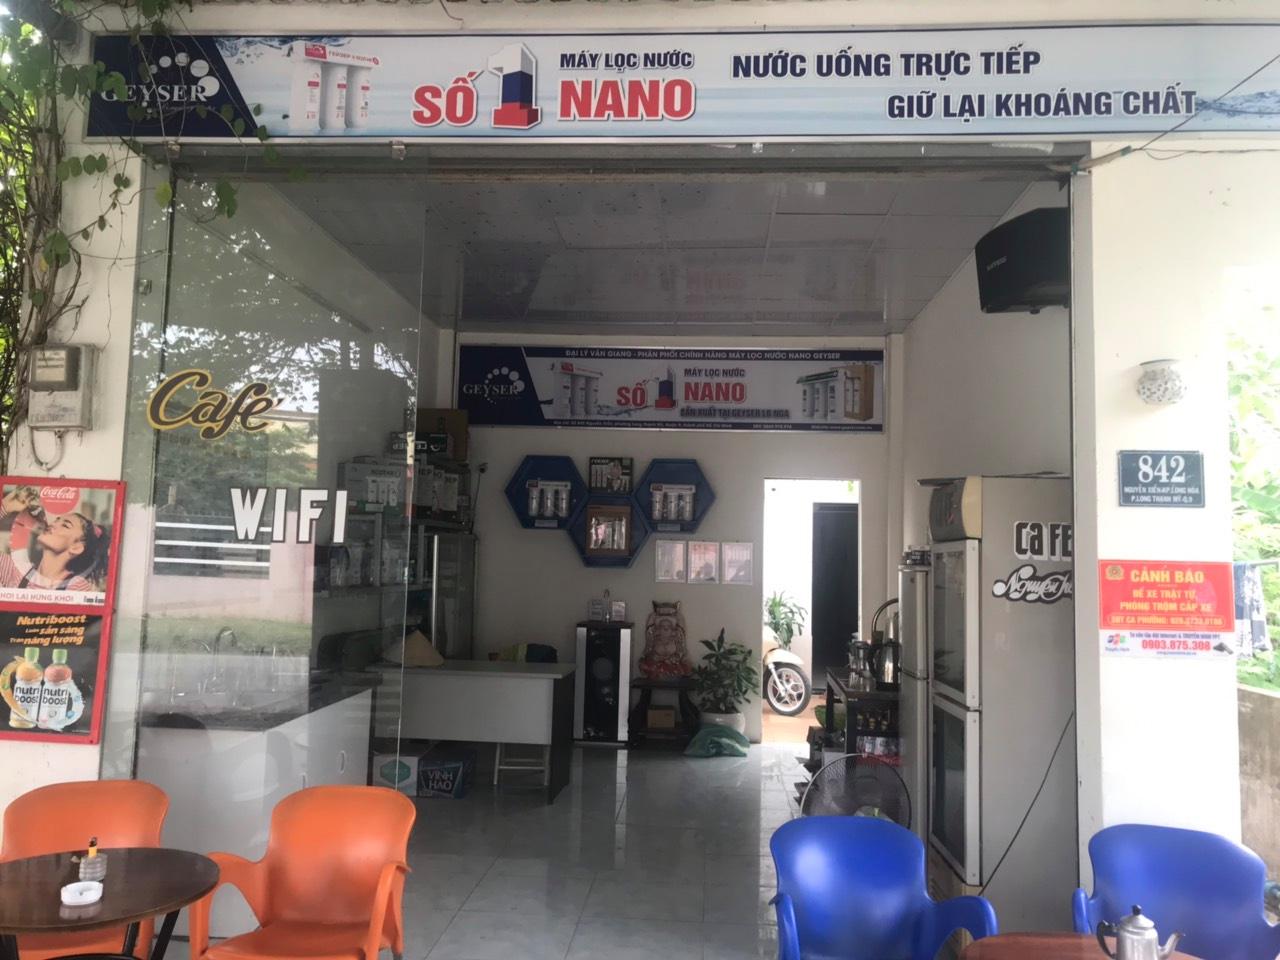 Địa chỉ mua máy lọc nước nano Geyser chính hãng ở TP. Hồ Chí Minh - ảnh 1